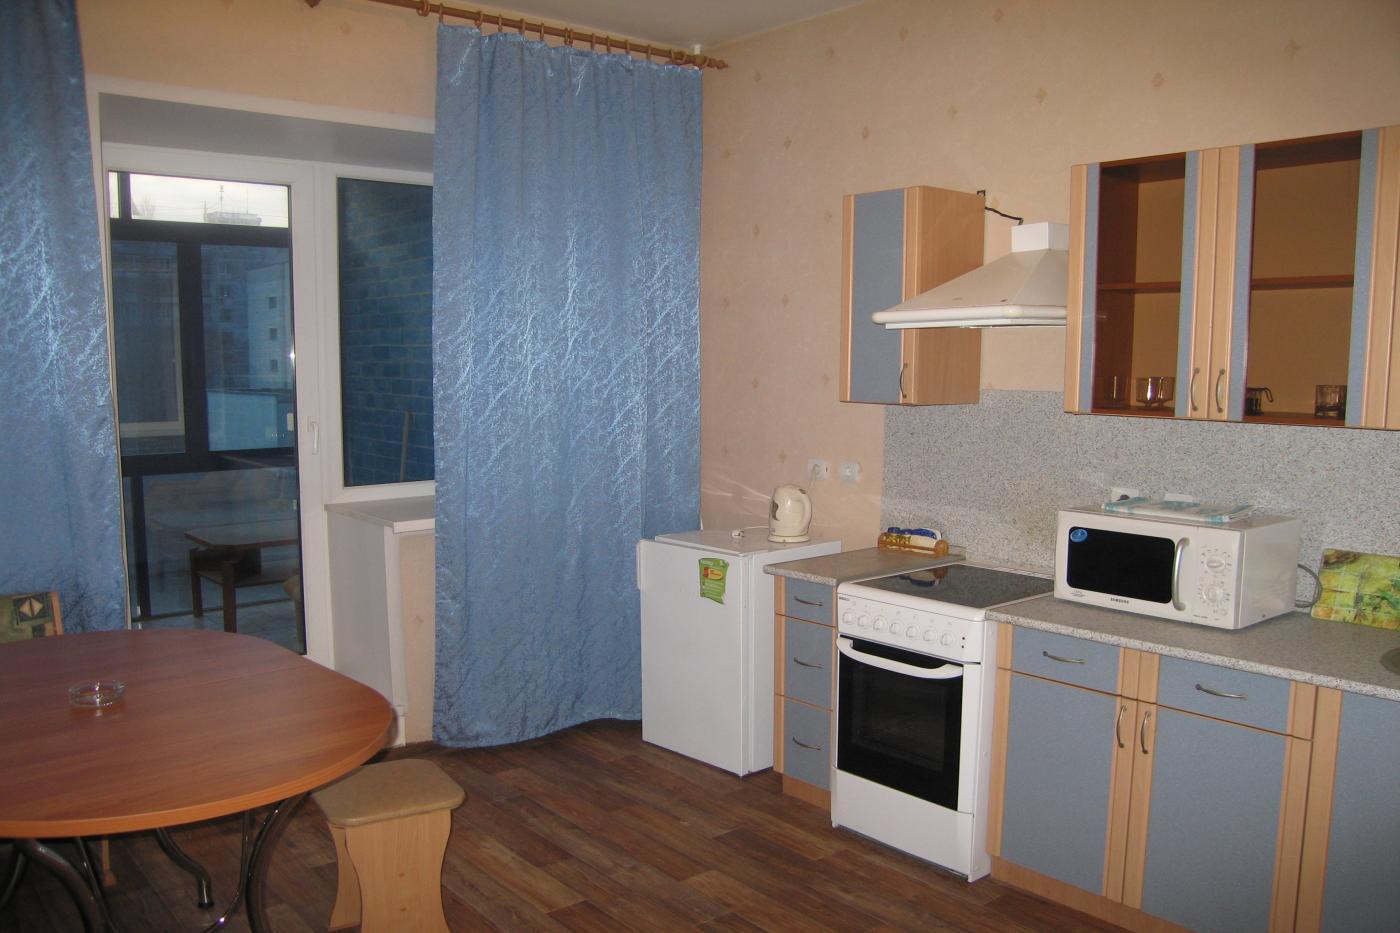 1-комнатная квартира посуточно (вариант № 2607), ул. лизюкова улица, фото № 7